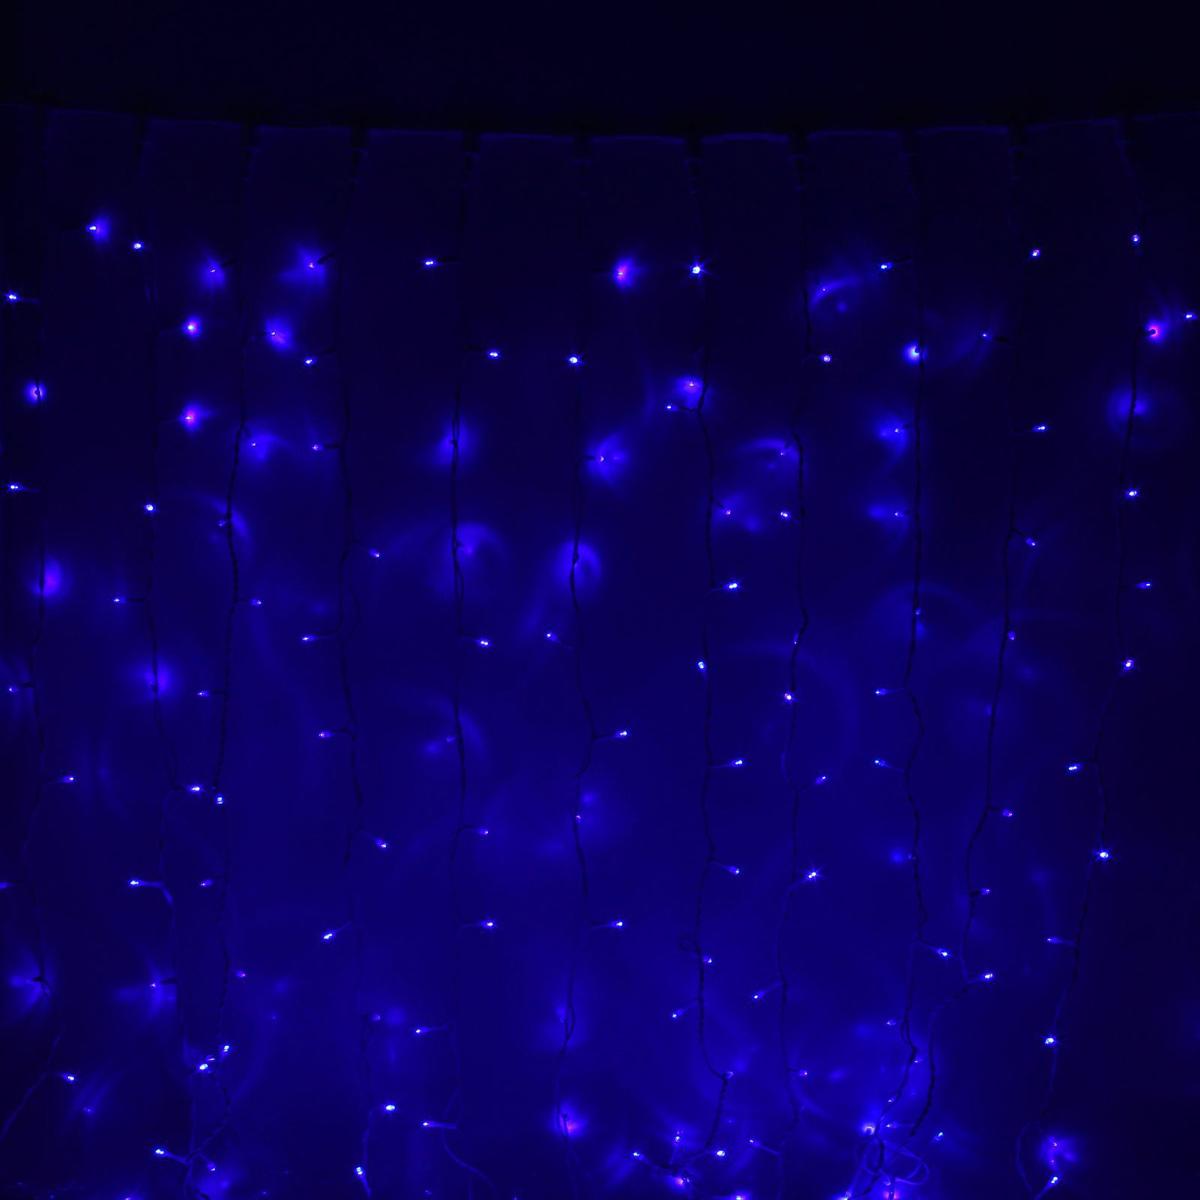 Гирлянда светодиодная Luazon Занавес, цвет: синий, уличная, 1800 ламп, 220 V, 2 х 9 м. 10803031080303Светодиодные гирлянды и ленты — это отличный вариант для новогоднего оформления интерьера или фасада. С их помощью помещение любого размера можно превратить в праздничный зал, а внешние элементы зданий, украшенные ими, мгновенно станут напоминать очертания сказочного дворца. Такие украшения создают ауру предвкушения чуда. Деревья, фасады, витрины, окна и арки будто специально созданы, чтобы вы украсили их светящимися нитями.